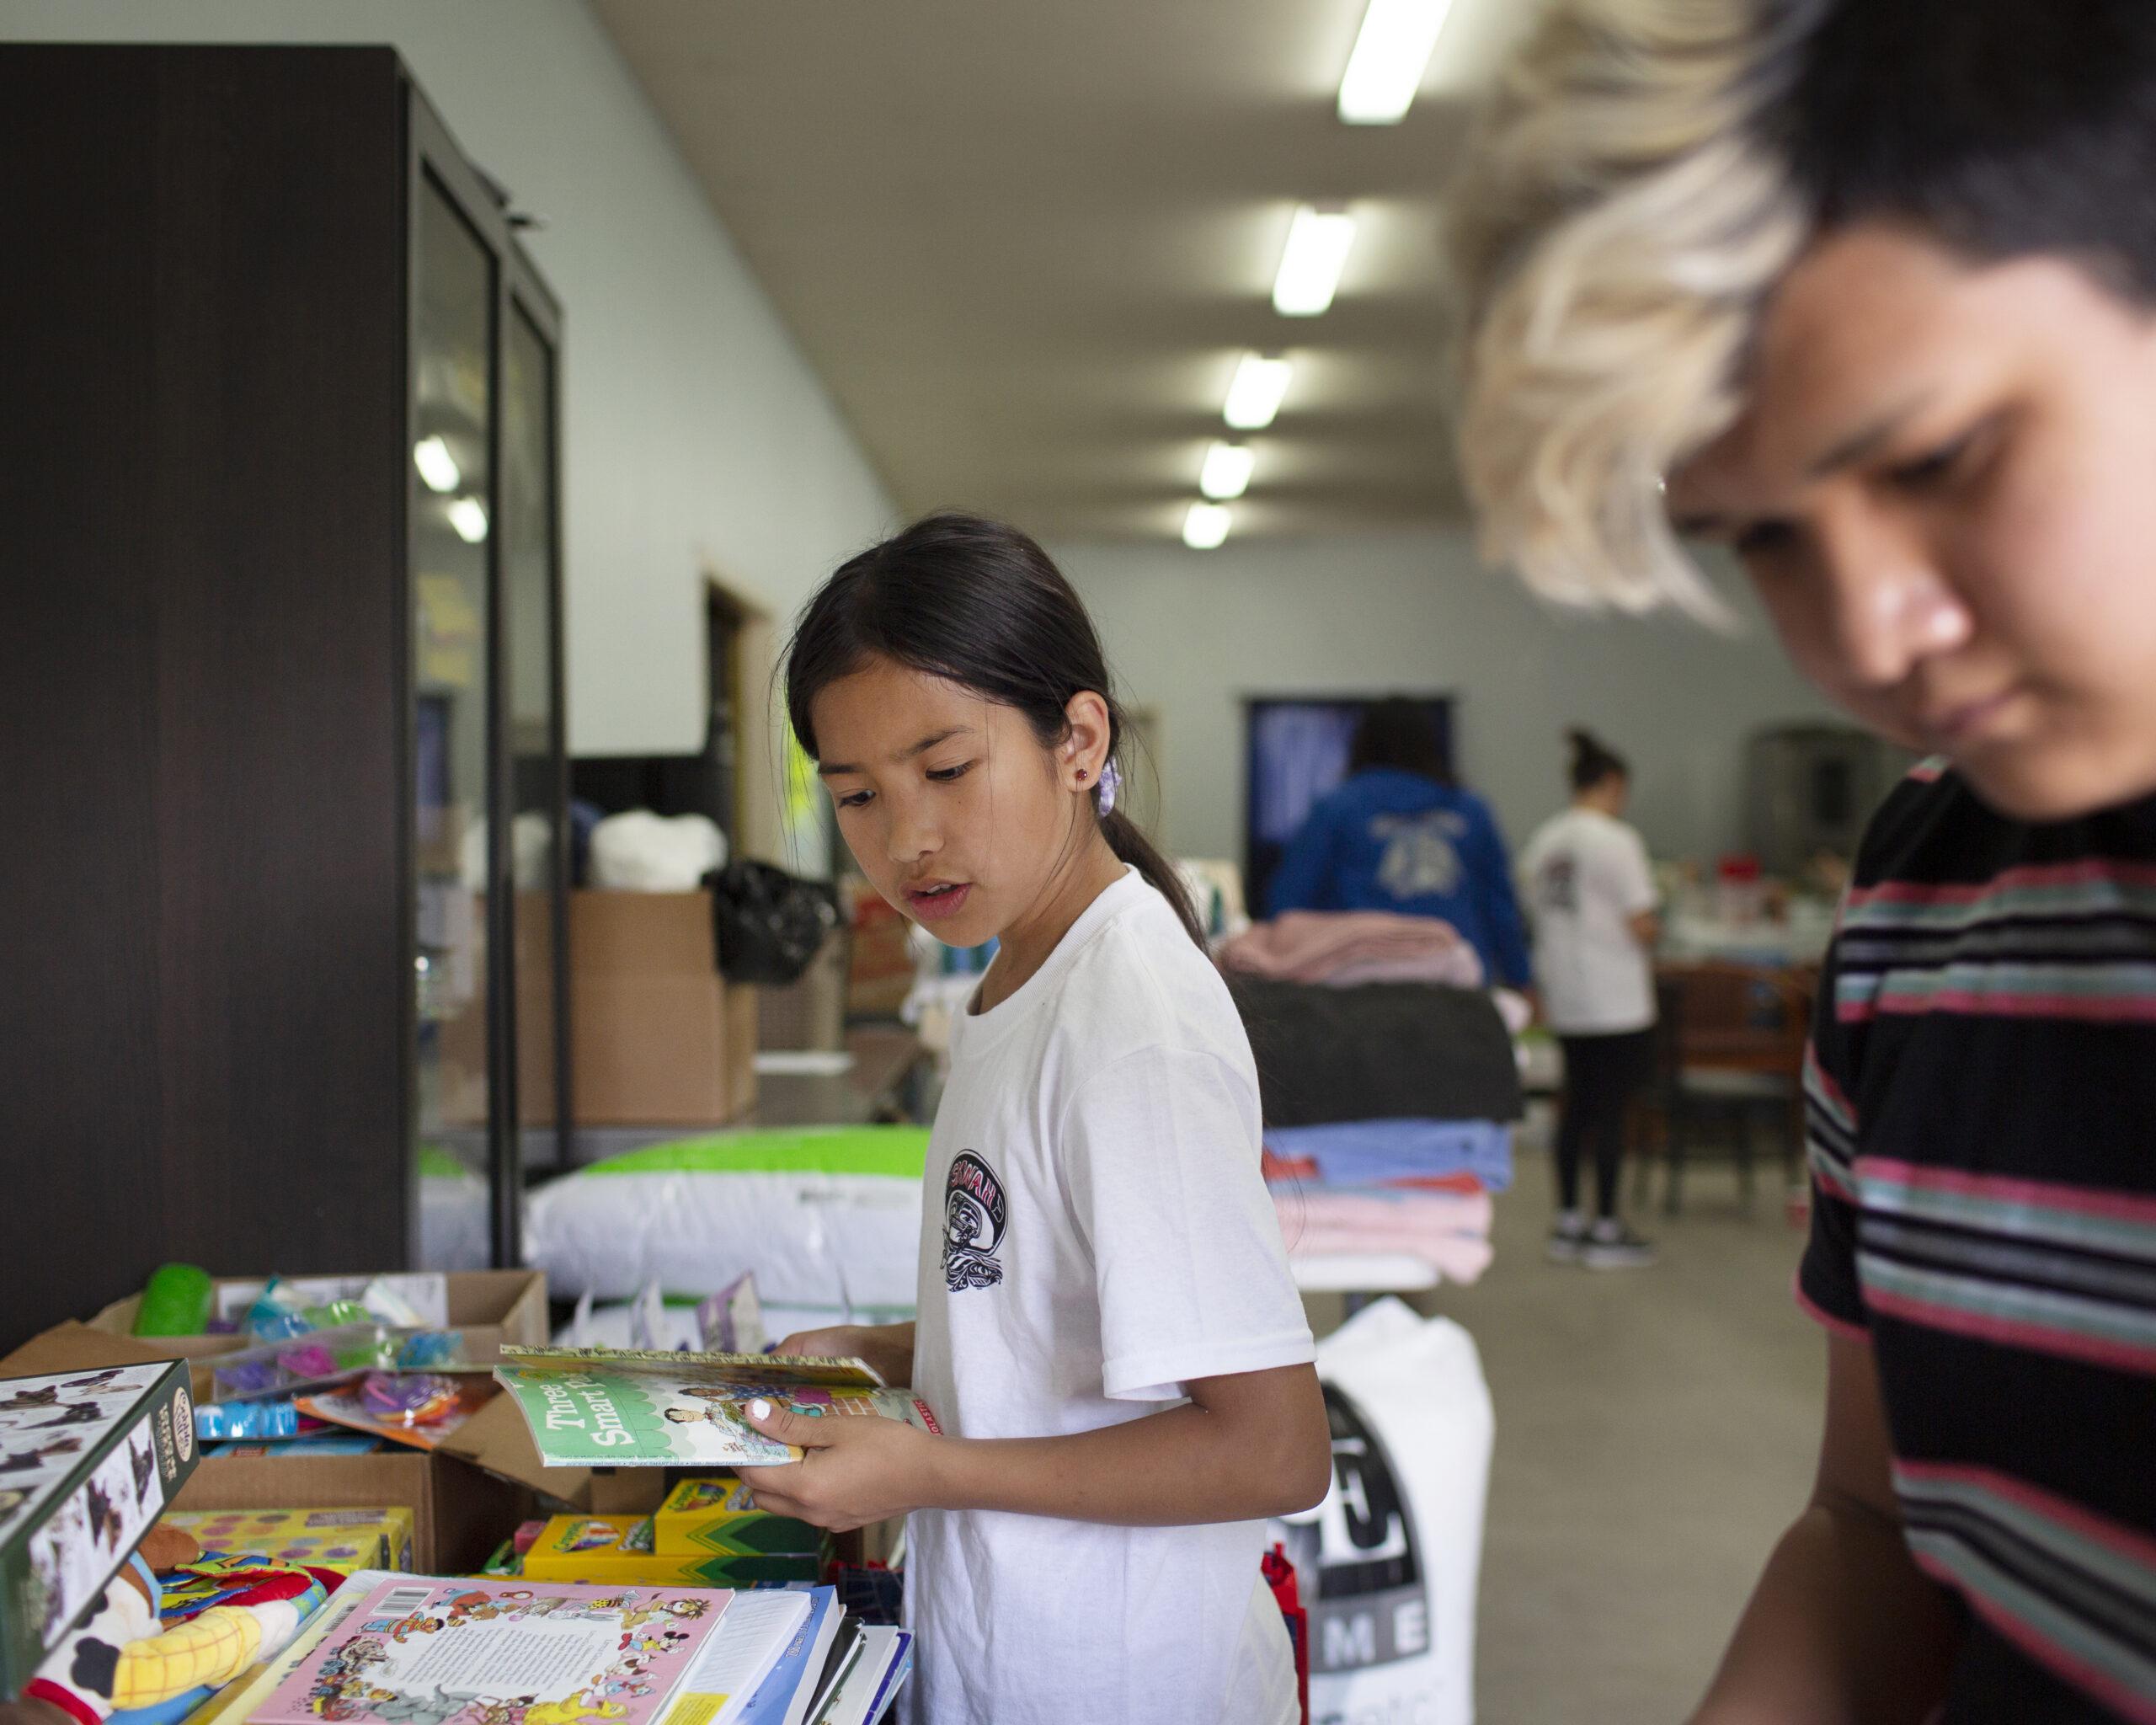 Children help organize donations